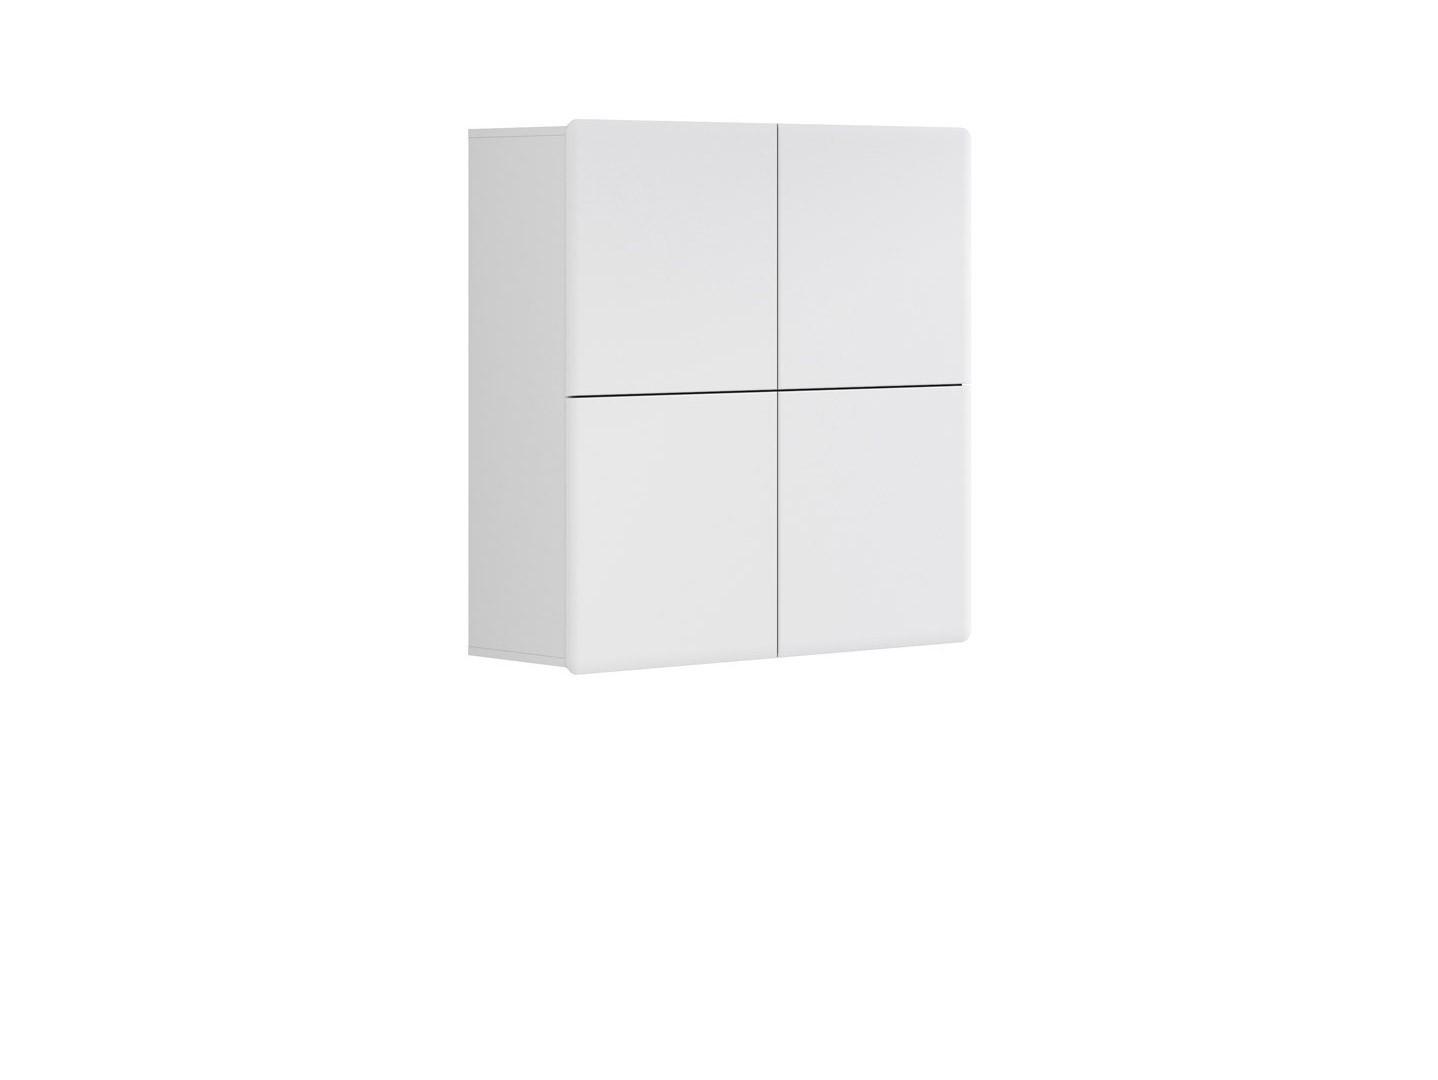 Skrinka na stenu - BRW - Possi Light - SFK4D 10/10 (biela + lesk biely). Sme autorizovaný predajca Black Red White. Vlastná spoľahlivá doprava až k Vám domov.